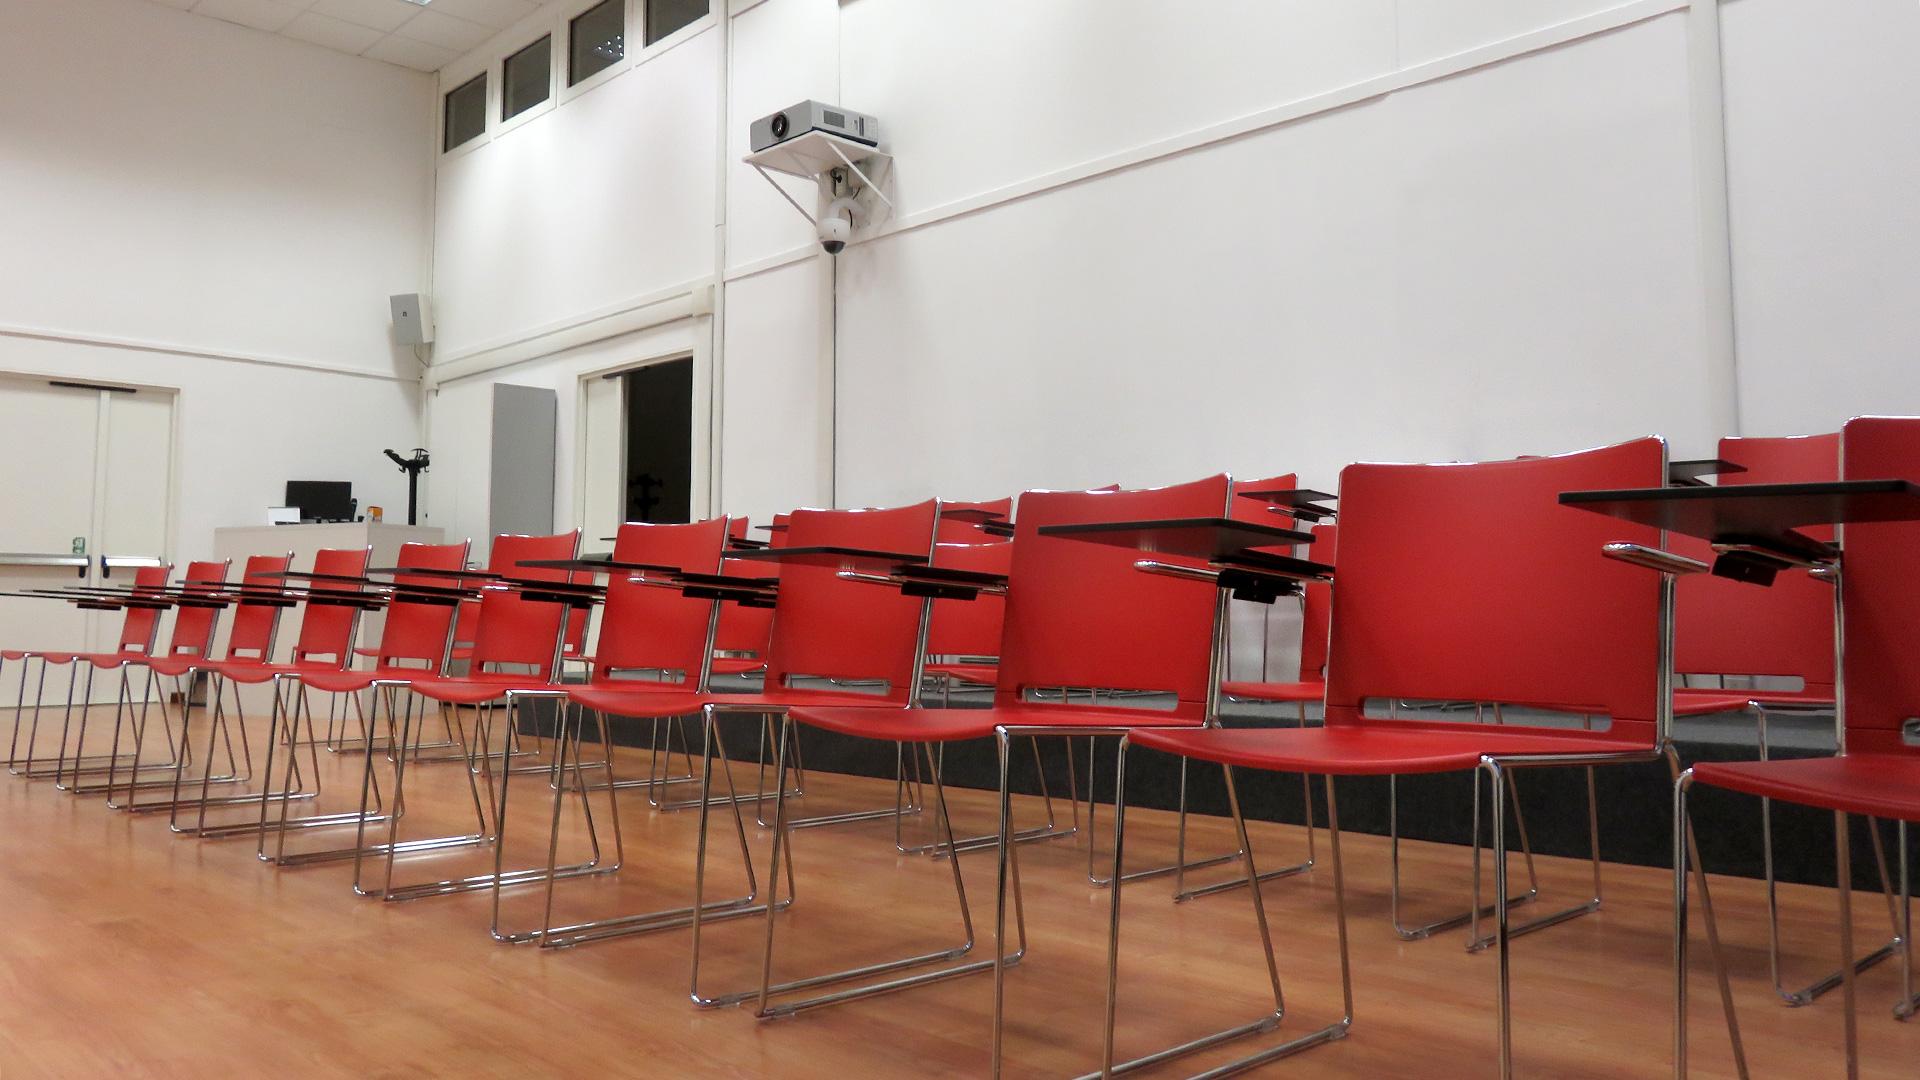 Dettaglio sedie